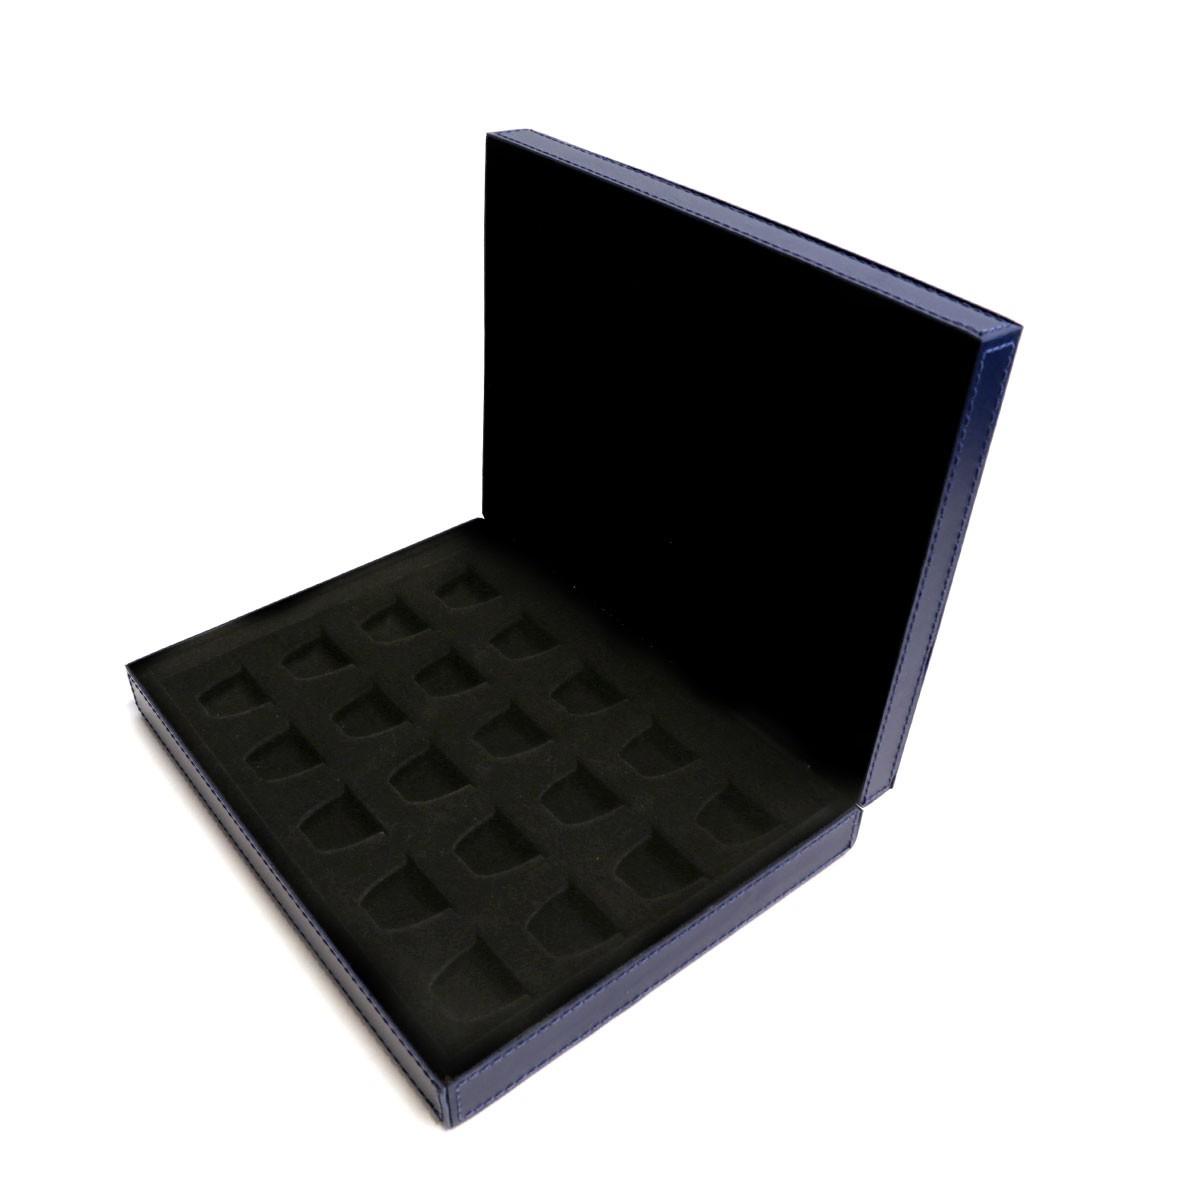 Caixa para cápsulas de café (Montana Azul Marinho)